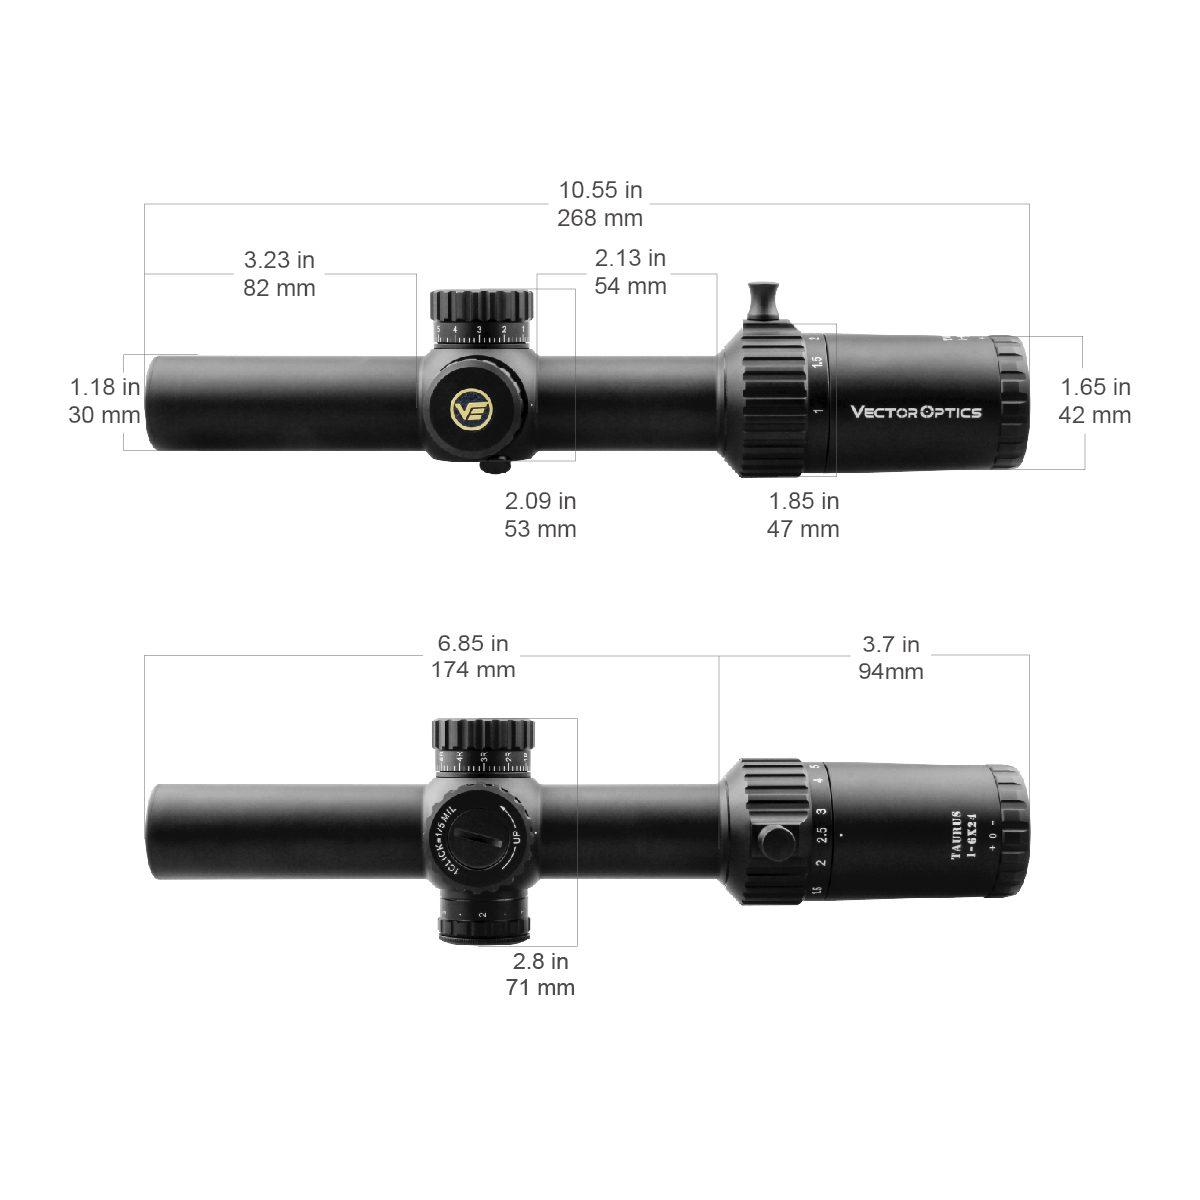 VO Taurus 1-6x24 Acom Size Diagram